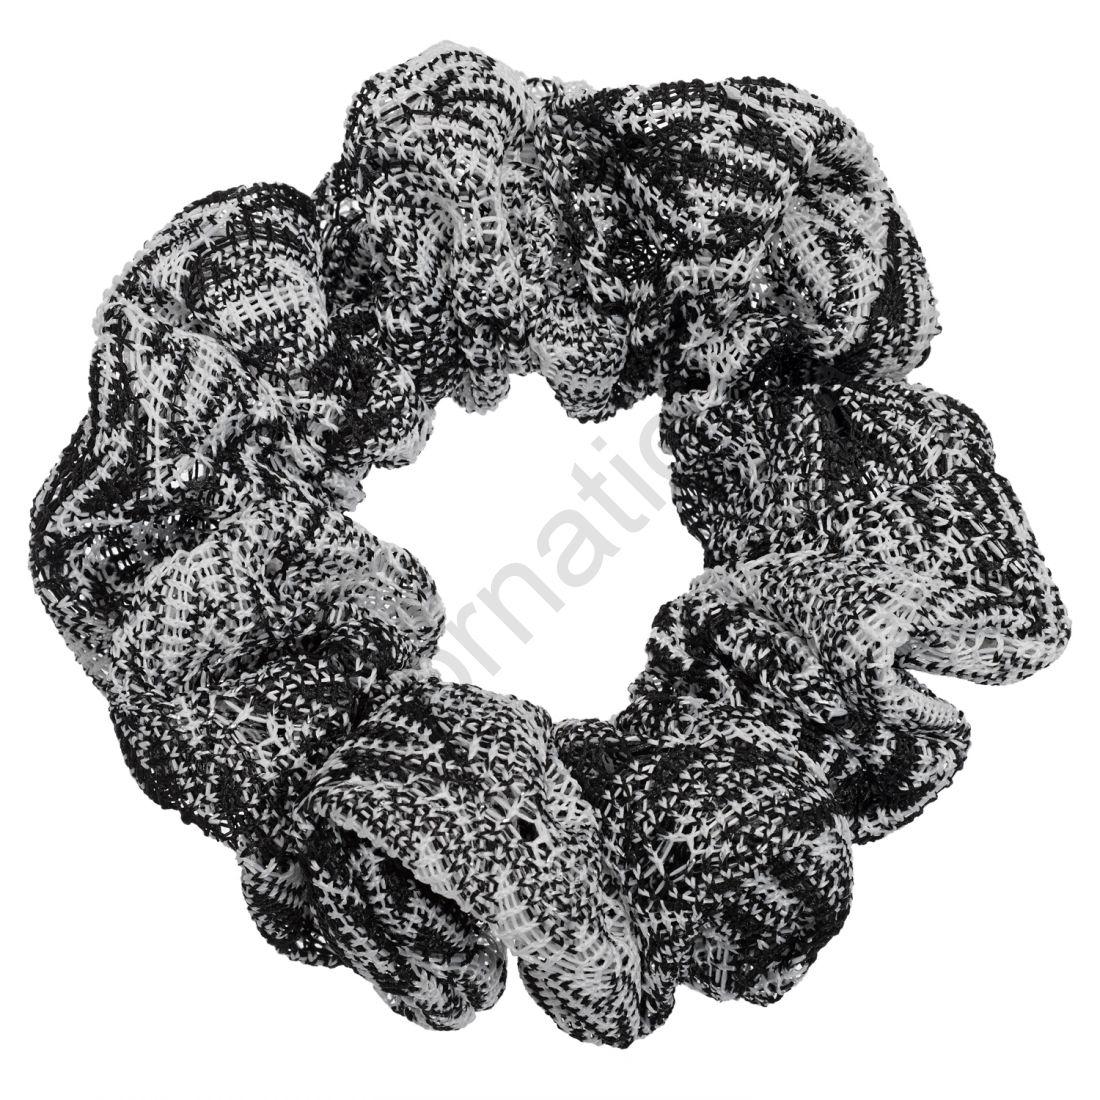 Резинка Evita Peroni 3997670. Коллекция Rosia Black & White